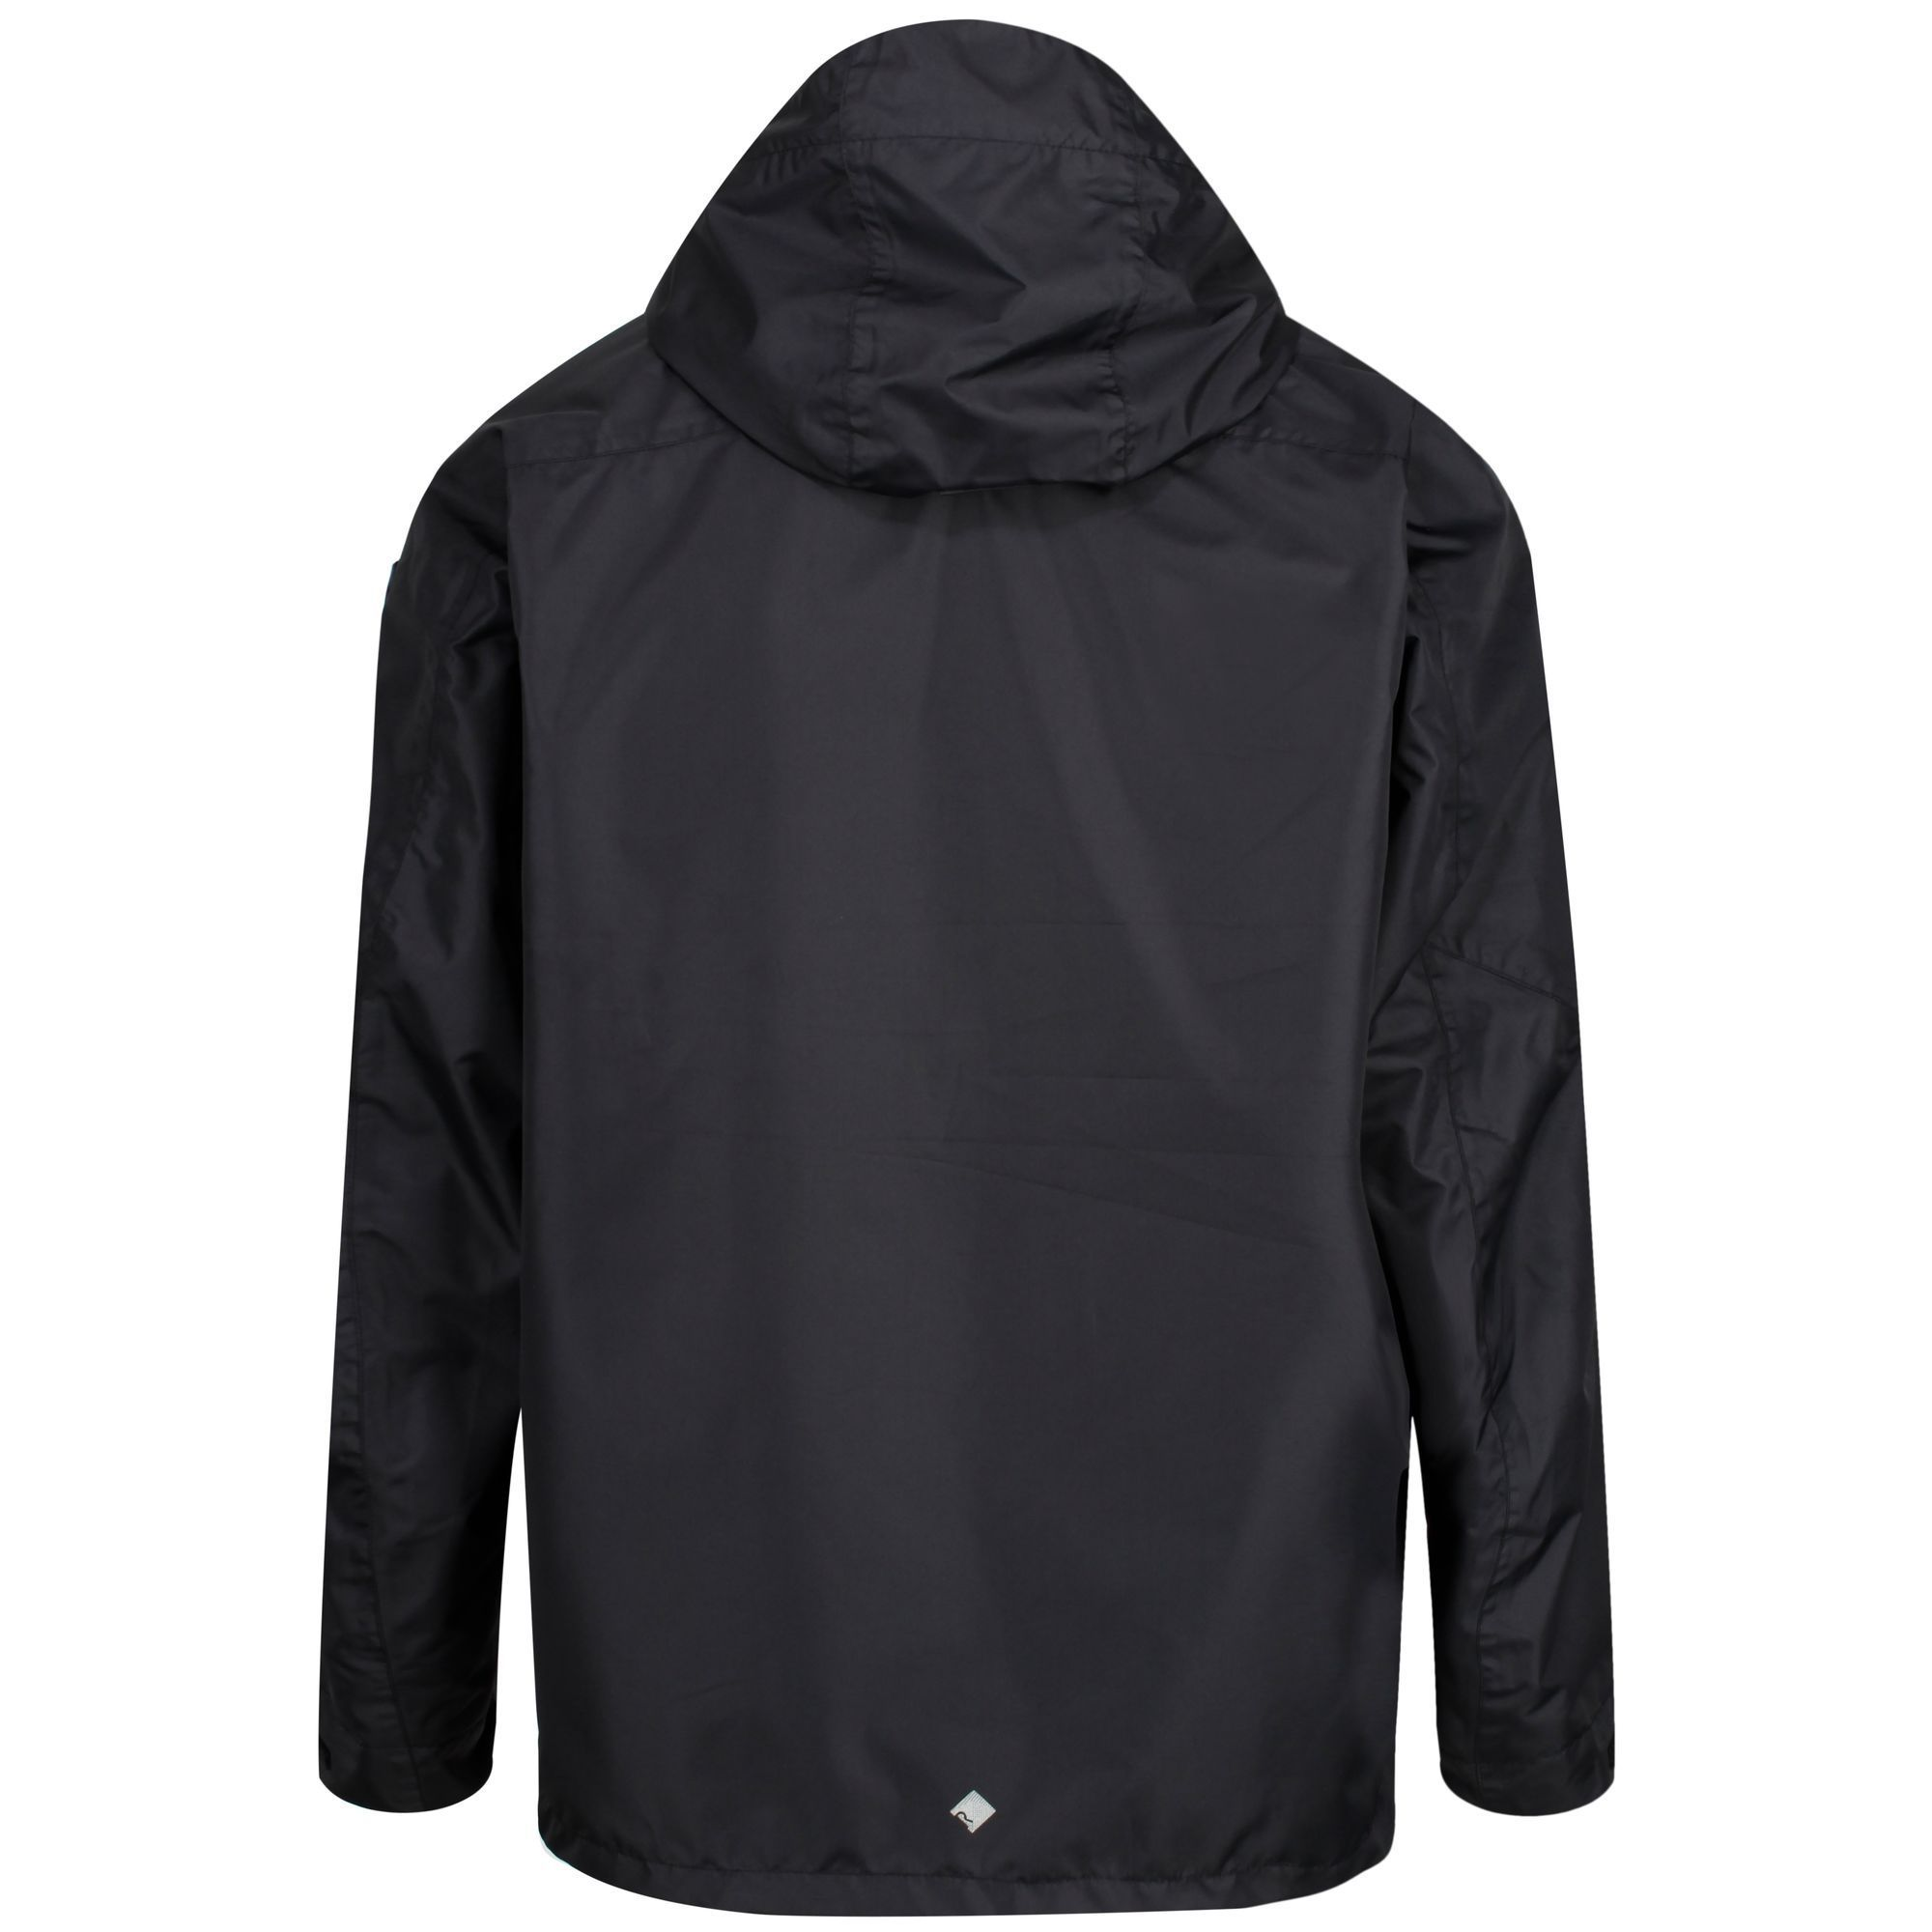 Regatta Mens Calderdale III Waterproof Jacket With Concealed Hood